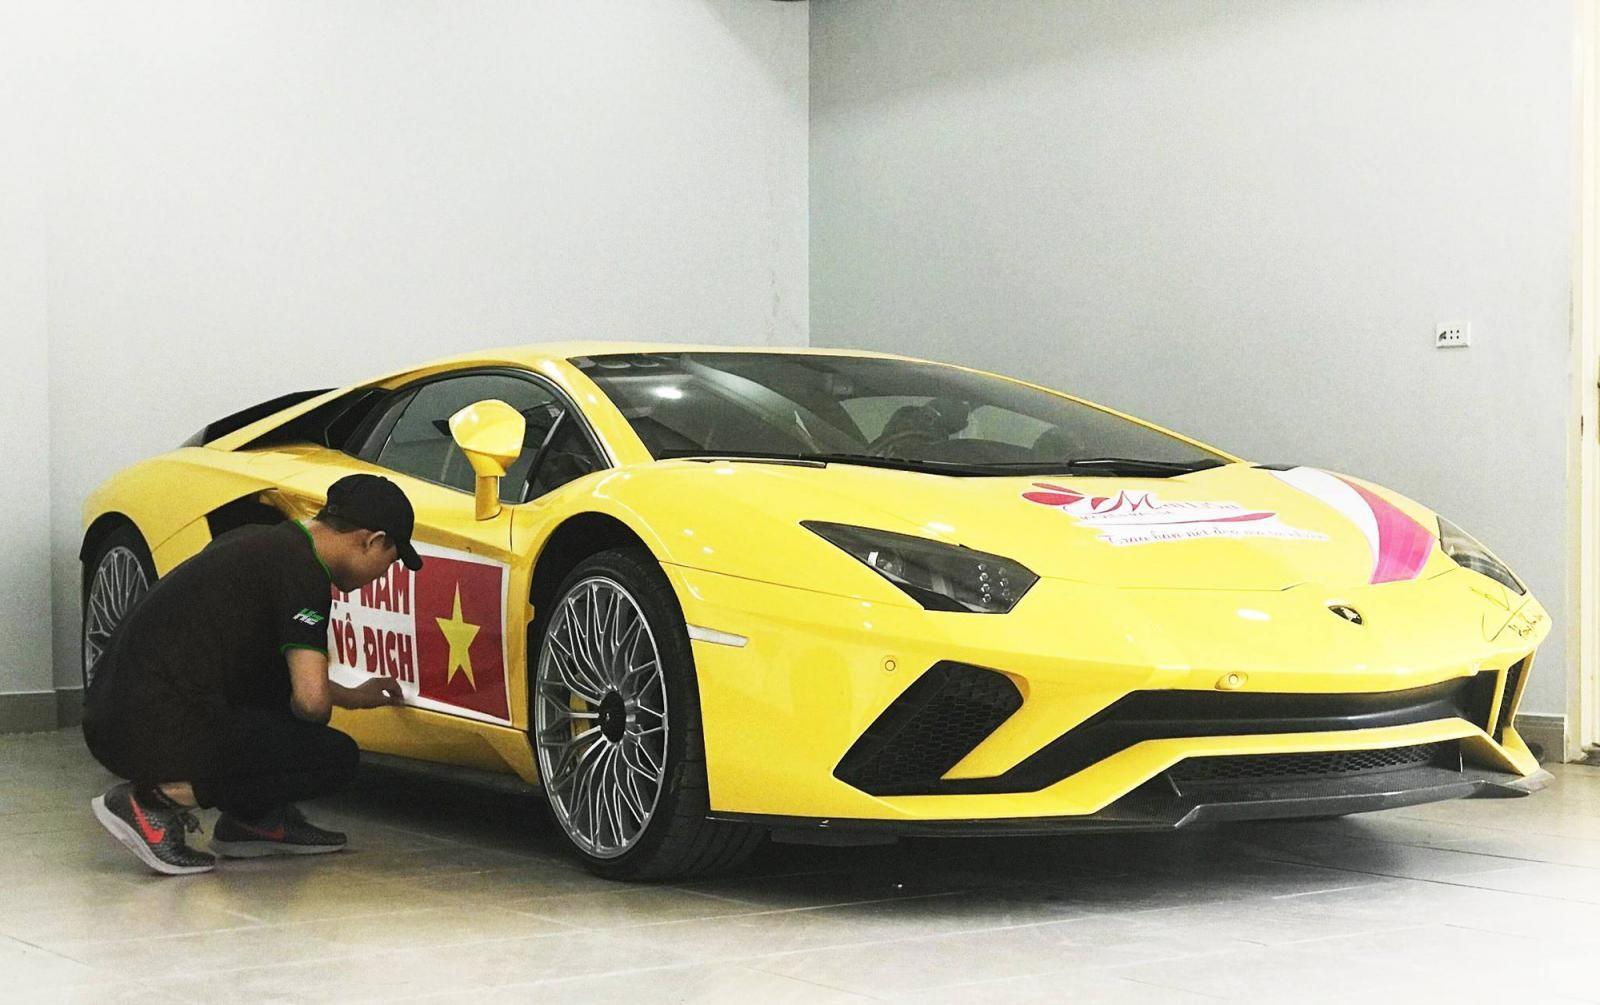 Chiếc Lamborghini Aventador S LP740-4 được dán băng rôn tại nhà chủ nhân